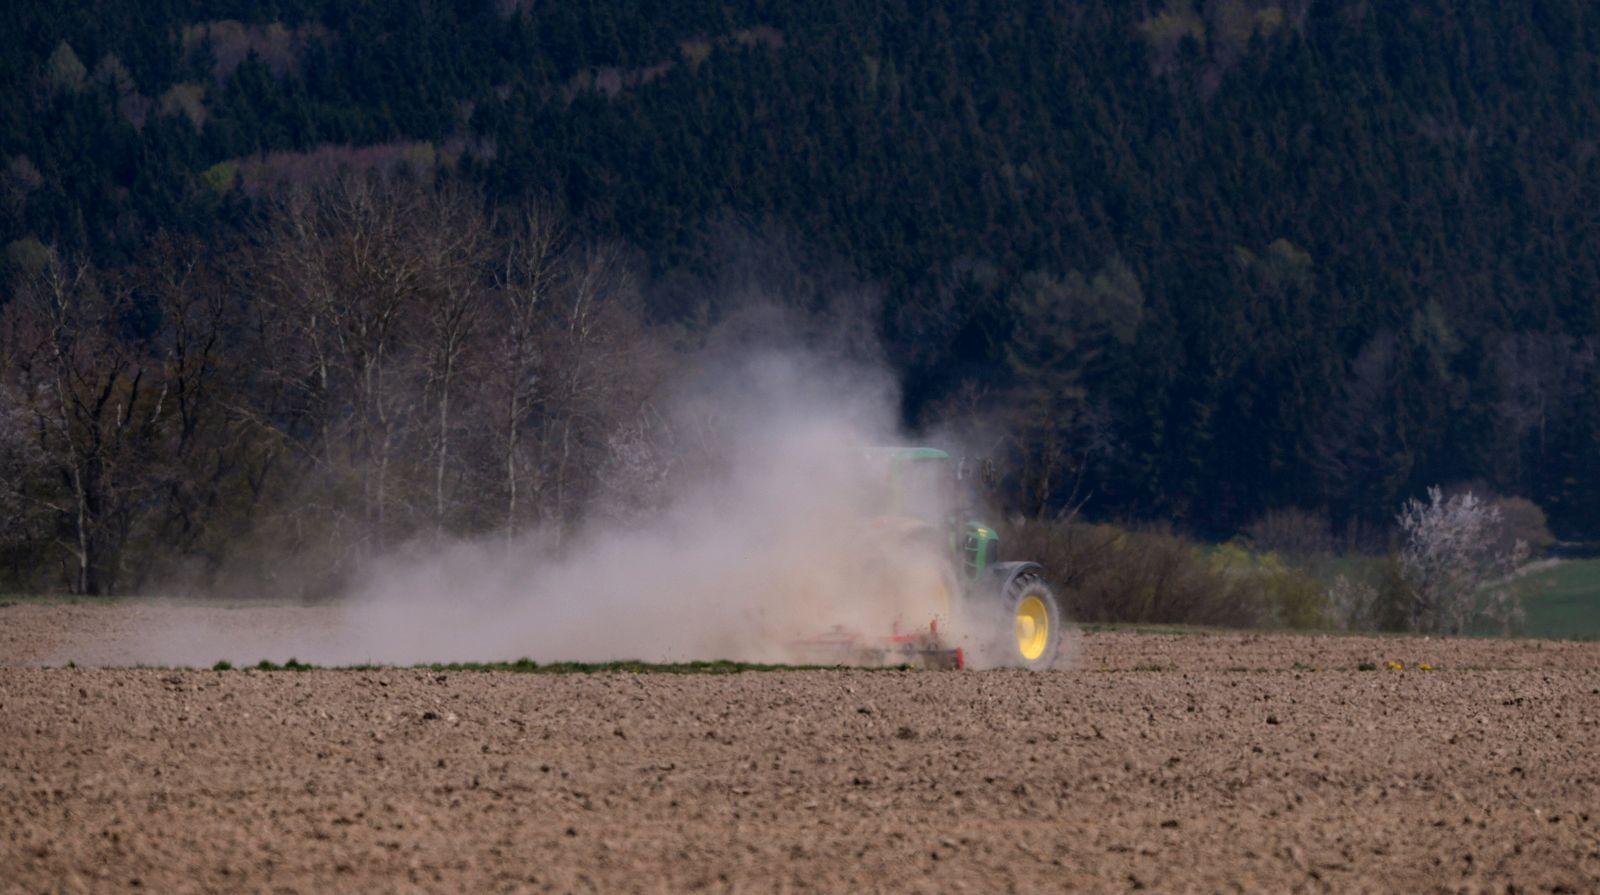 16.04.2020, Ungerhausen bei Memmingen, Ein Landwirt beim Eggen seines staubtrockenen Ackers. Durch die Trockenheit zieh